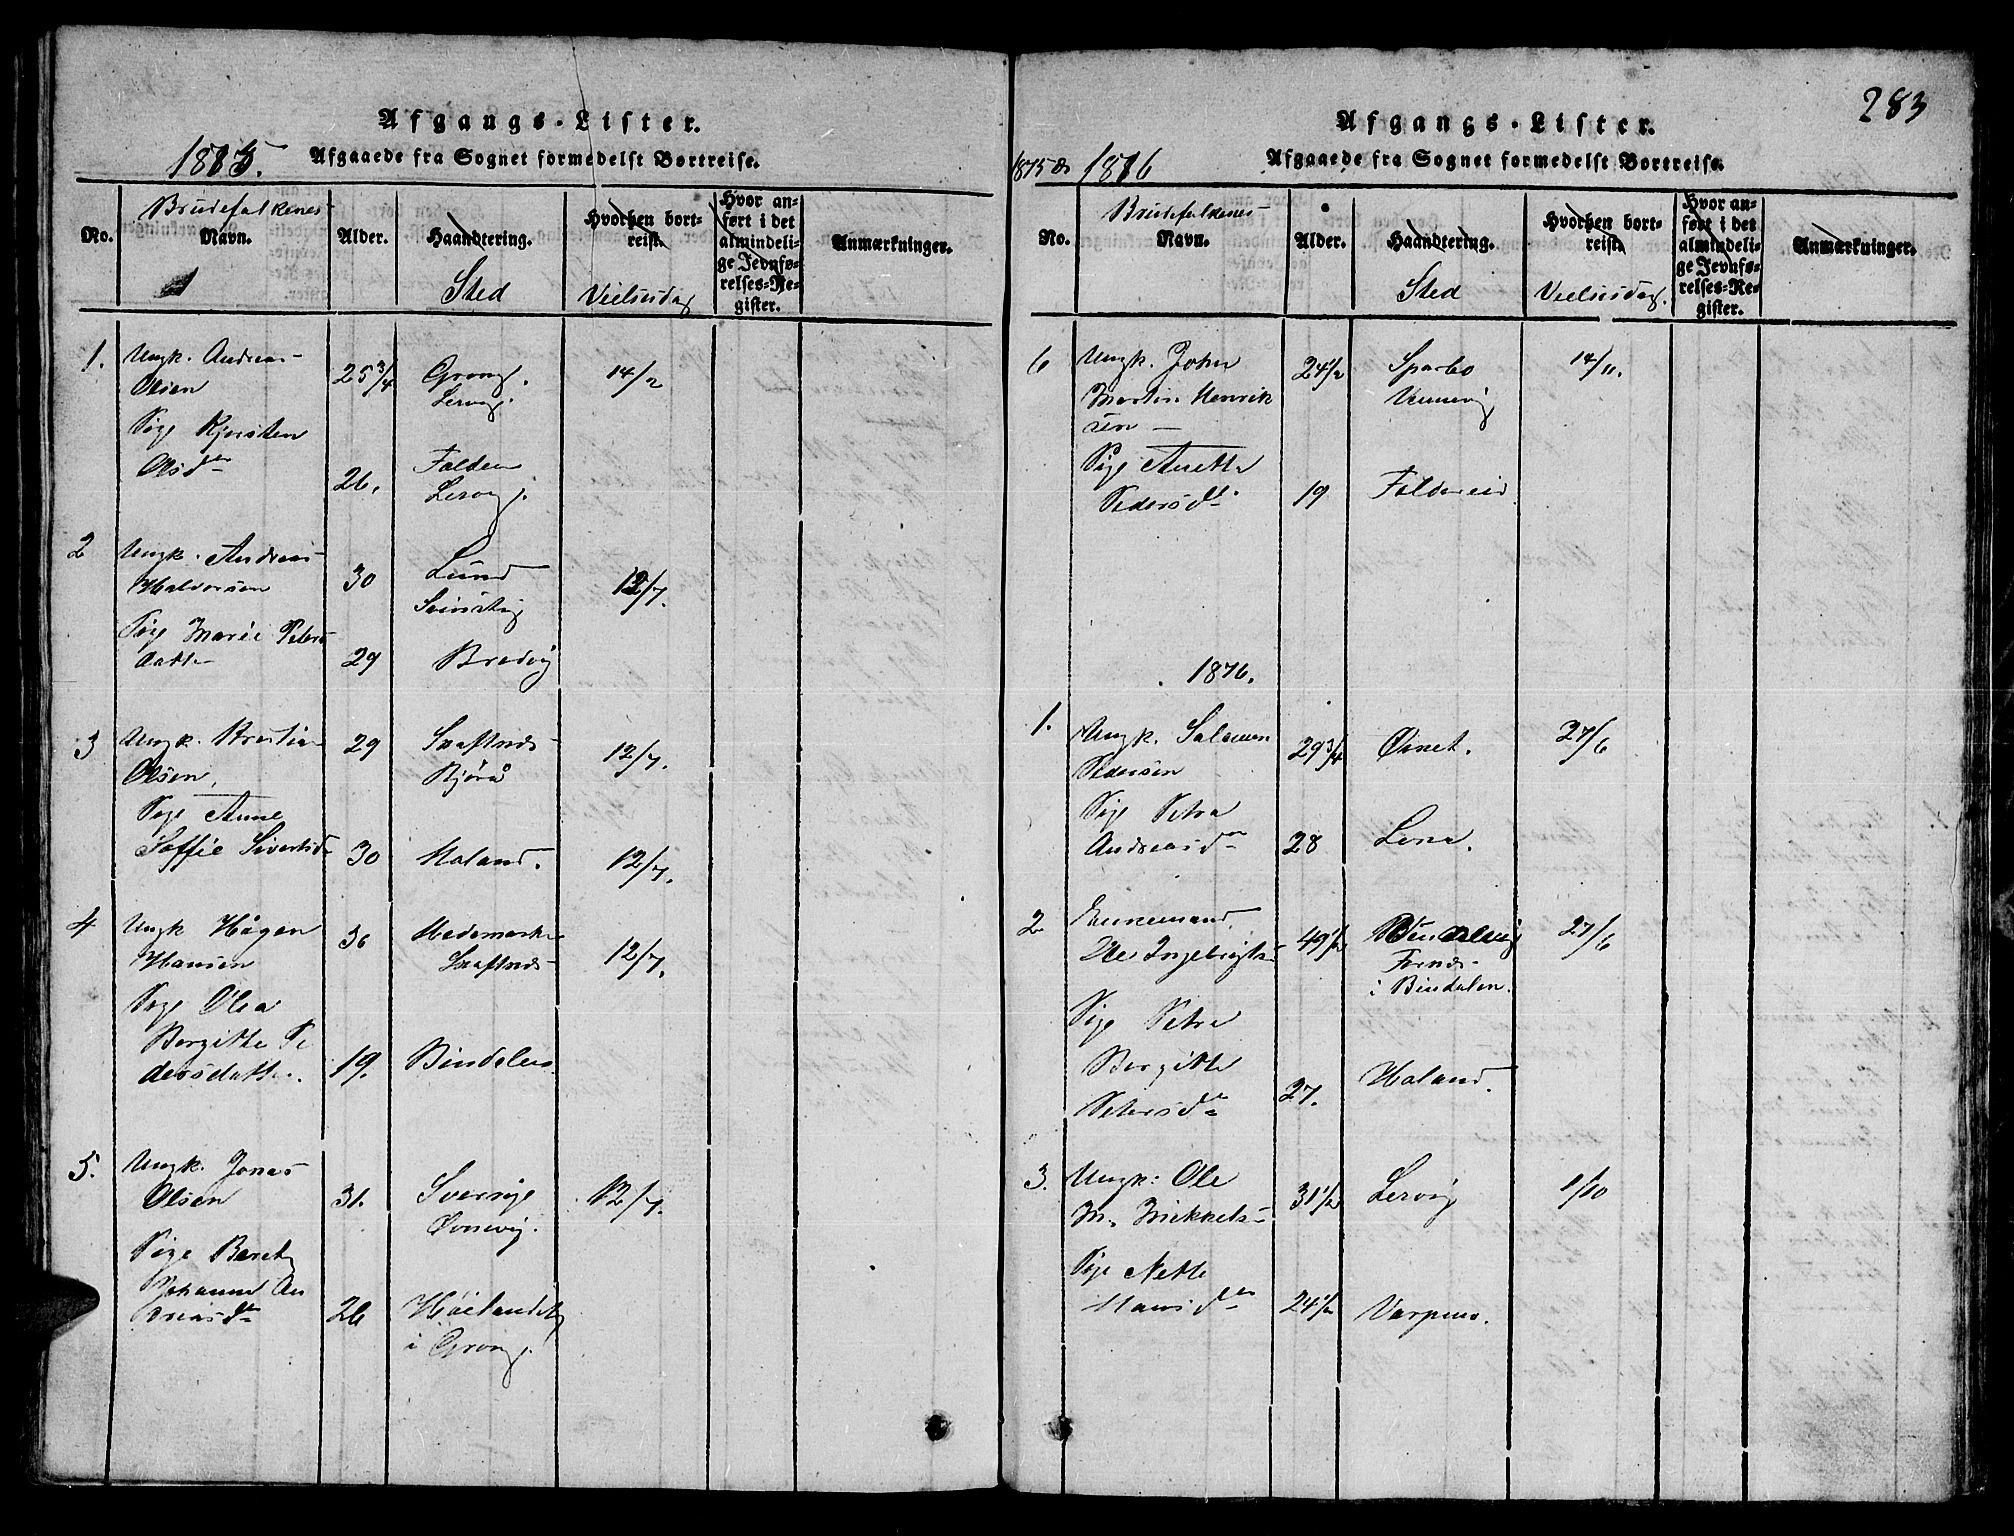 SAT, Ministerialprotokoller, klokkerbøker og fødselsregistre - Nord-Trøndelag, 780/L0648: Klokkerbok nr. 780C01 /3, 1815-1877, s. 283